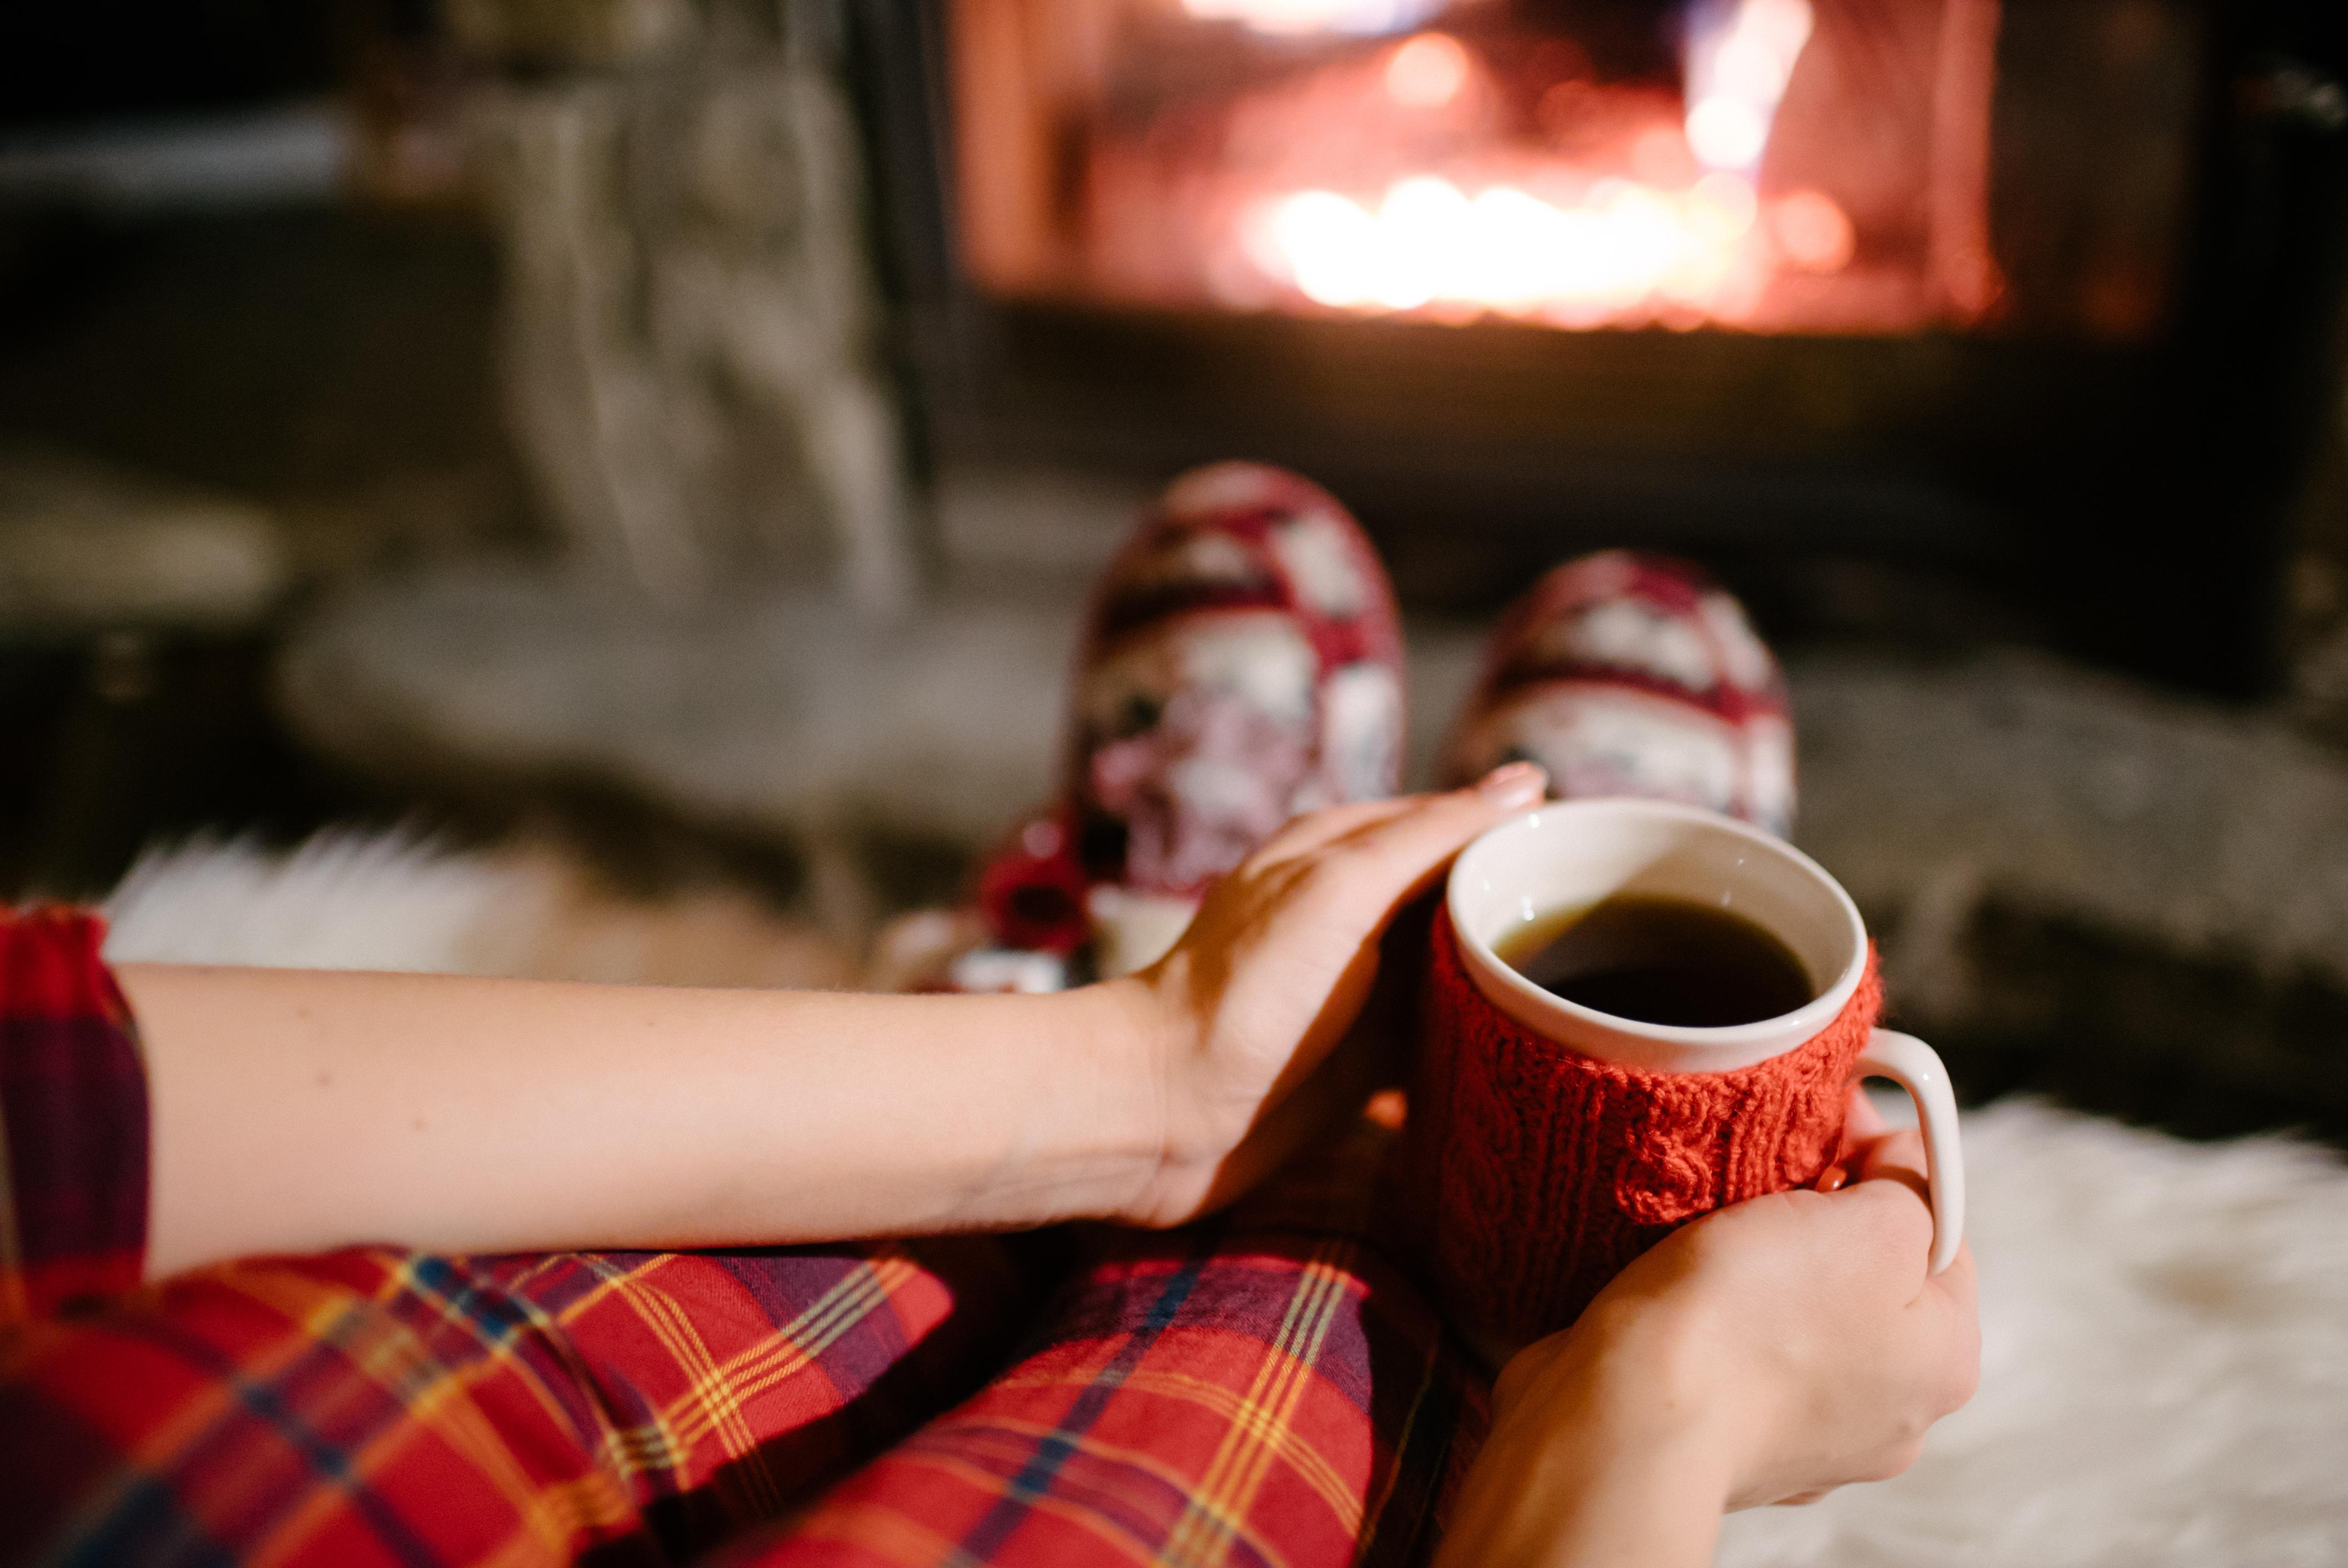 Om du har valt att vara ensam har du all rätt att tycka att det är underbart.